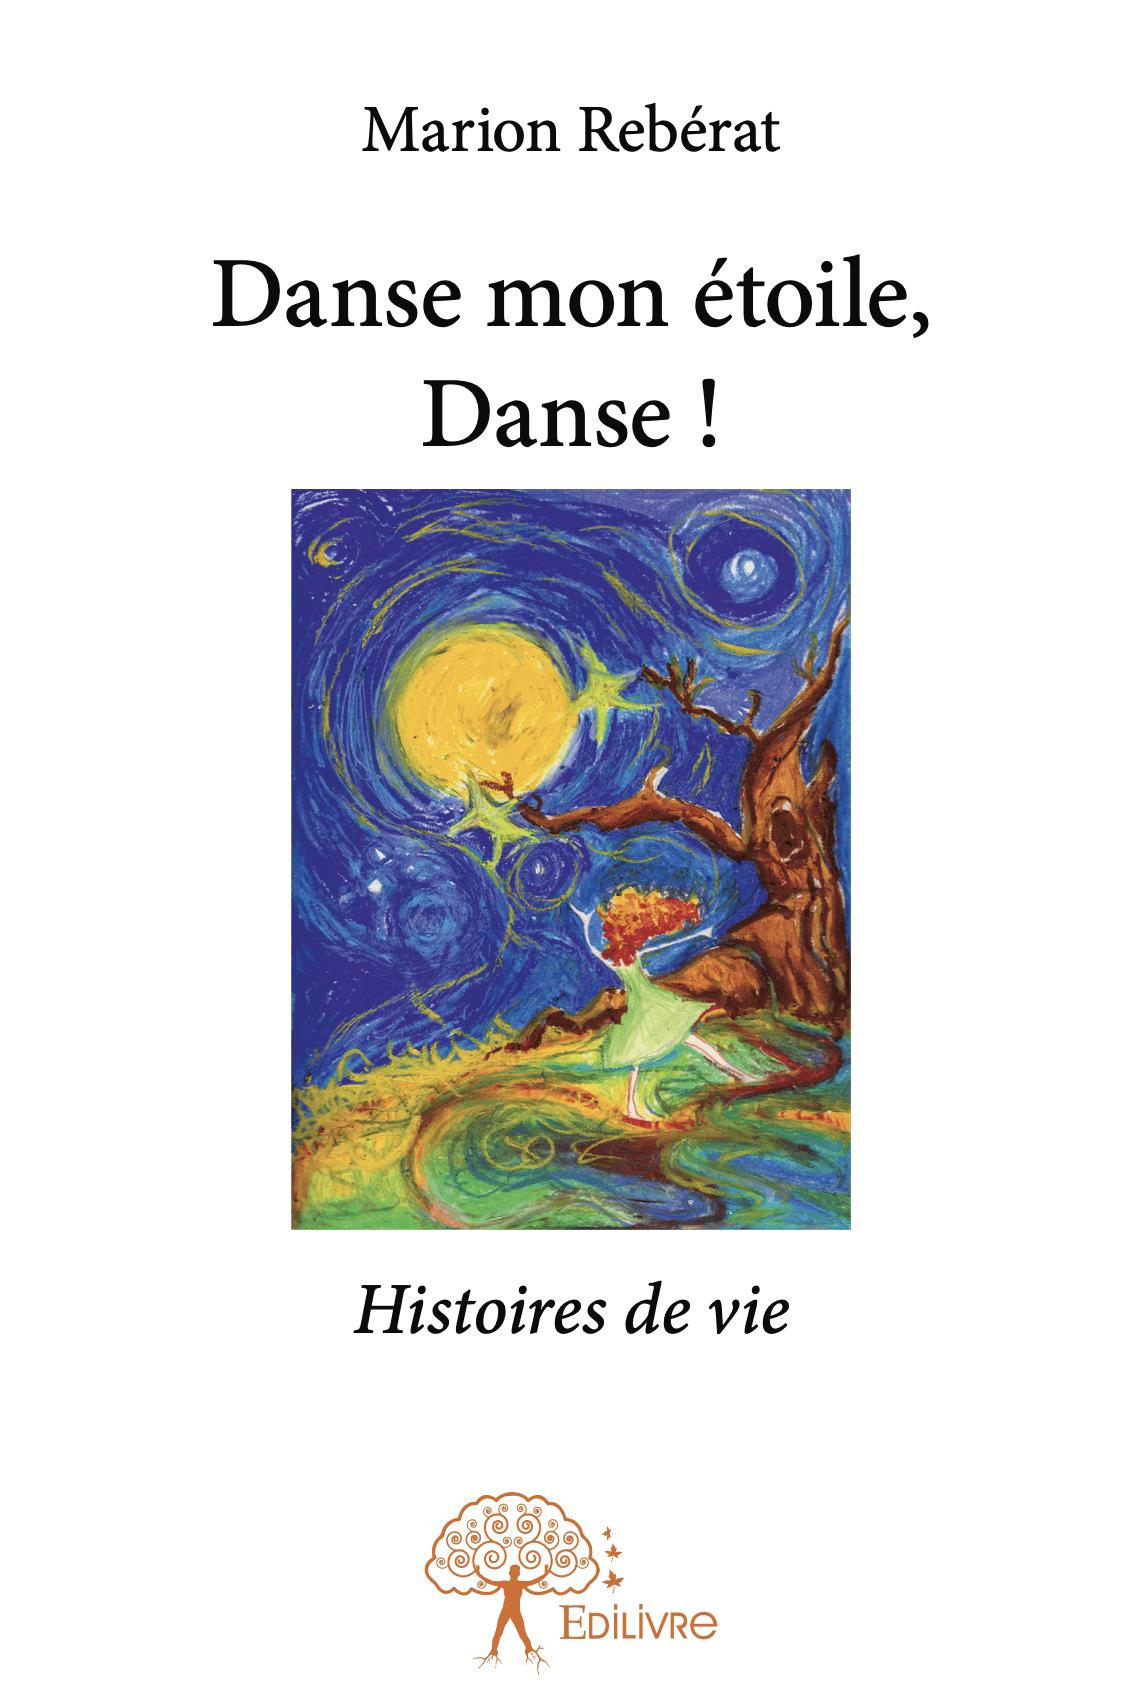 couverture Danse Mon Etoile, Danse le premier livre de Marion Rebérat